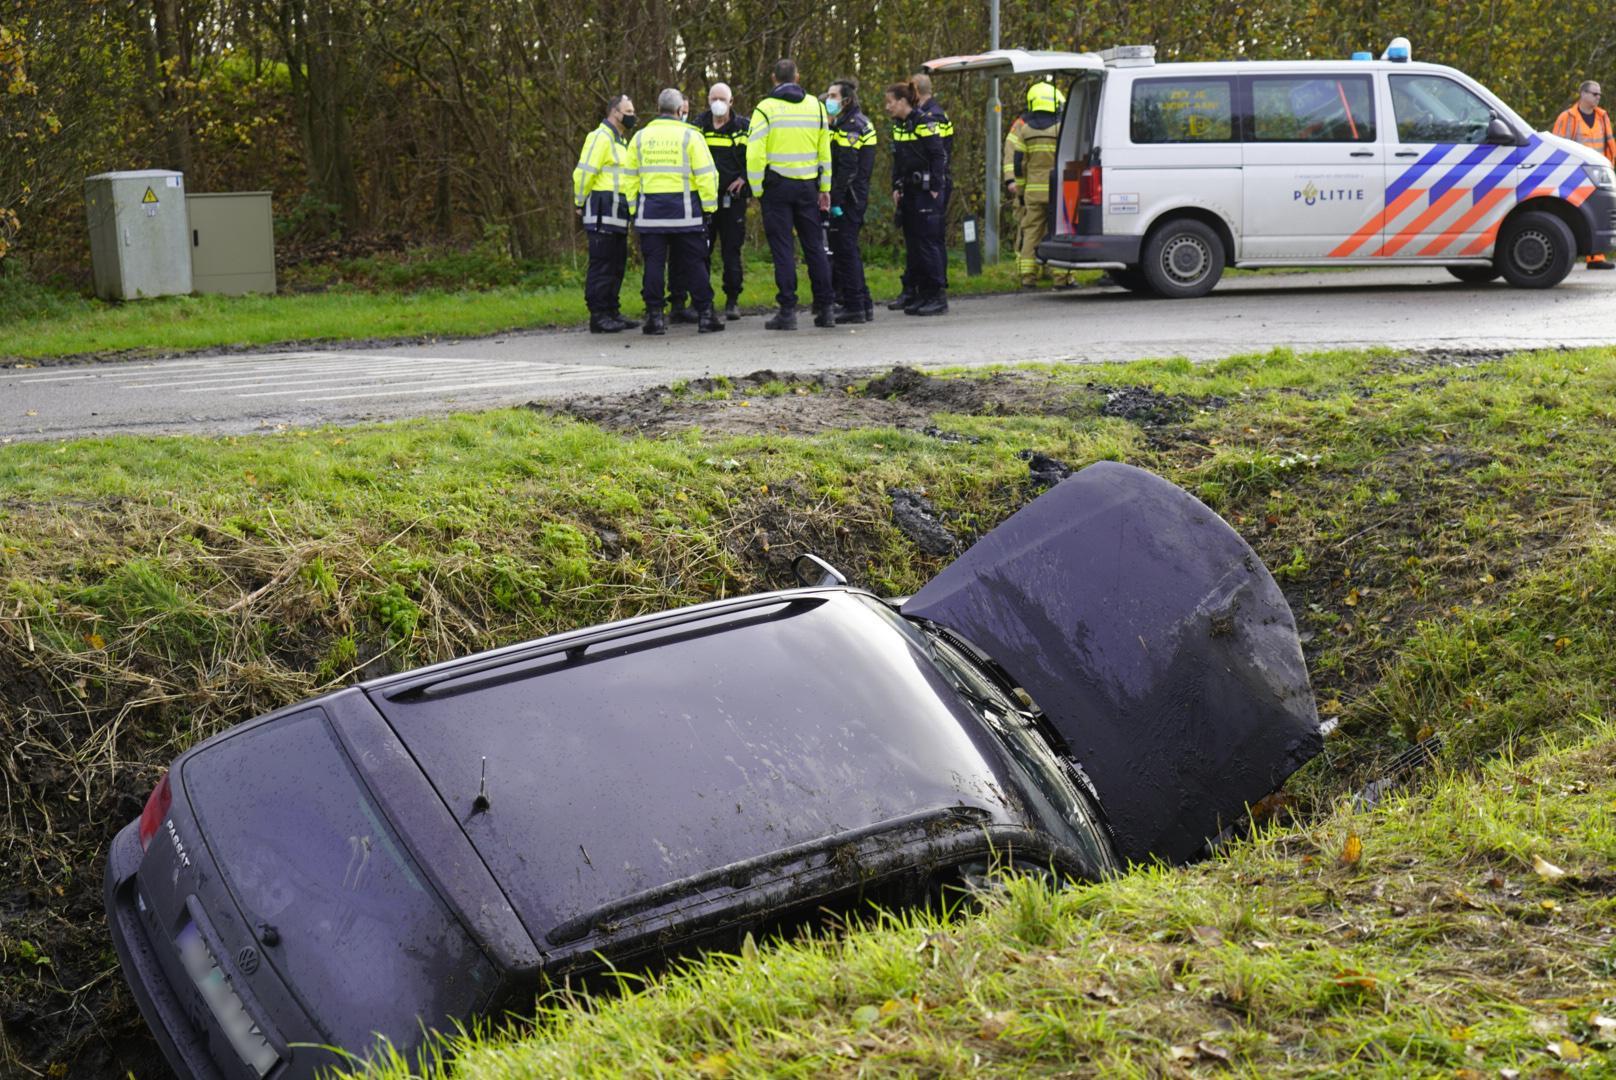 Auto vliegt uit bocht en komt in sloot terecht in Middenmeer [video]